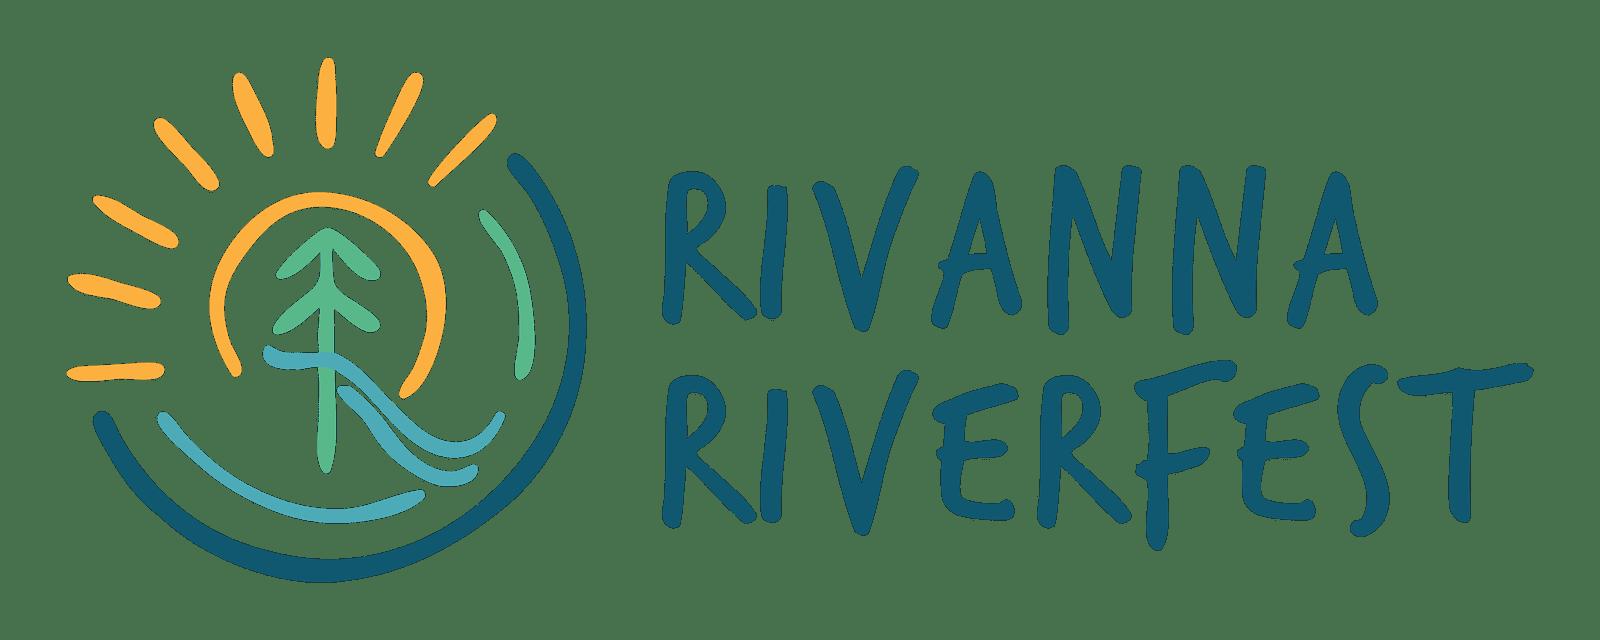 Rivanna Riverfest